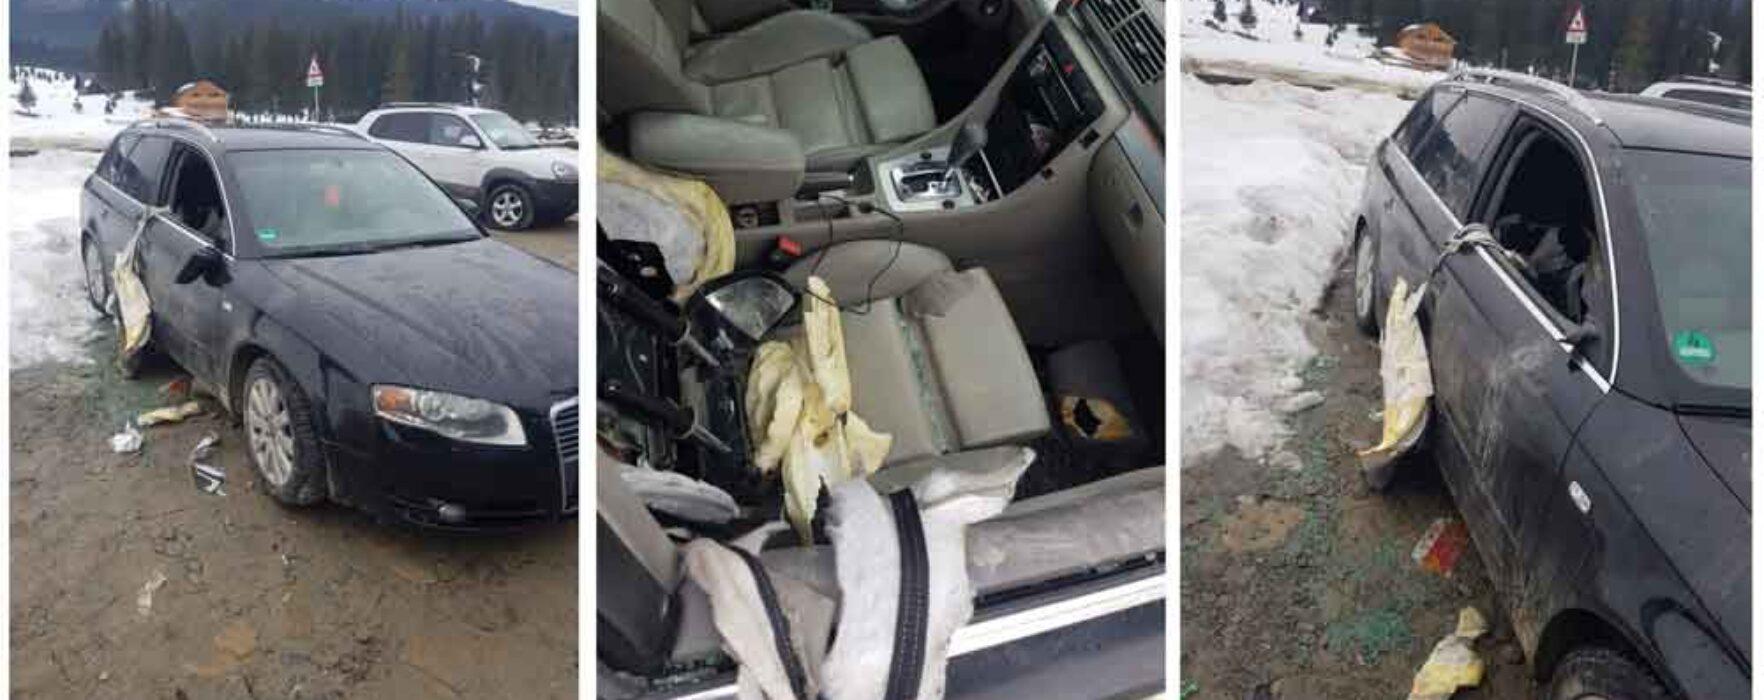 Dâmboviţa: Maşină avariată de un urs, în zona Padina